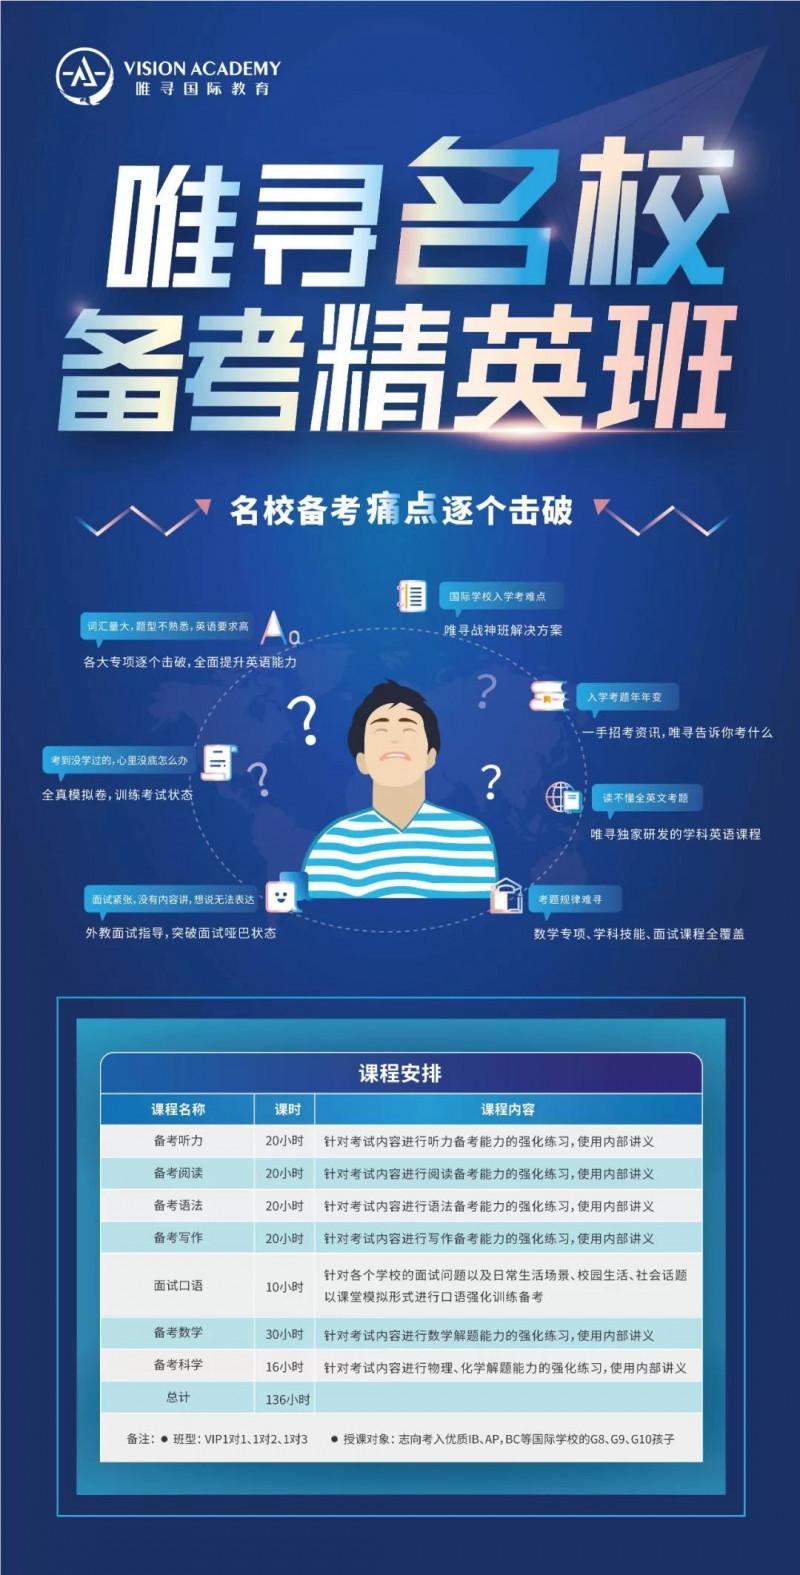 北京哪个国际学校比较好?2021帝都国际学校牛剑录取排名来啦内容图片_15